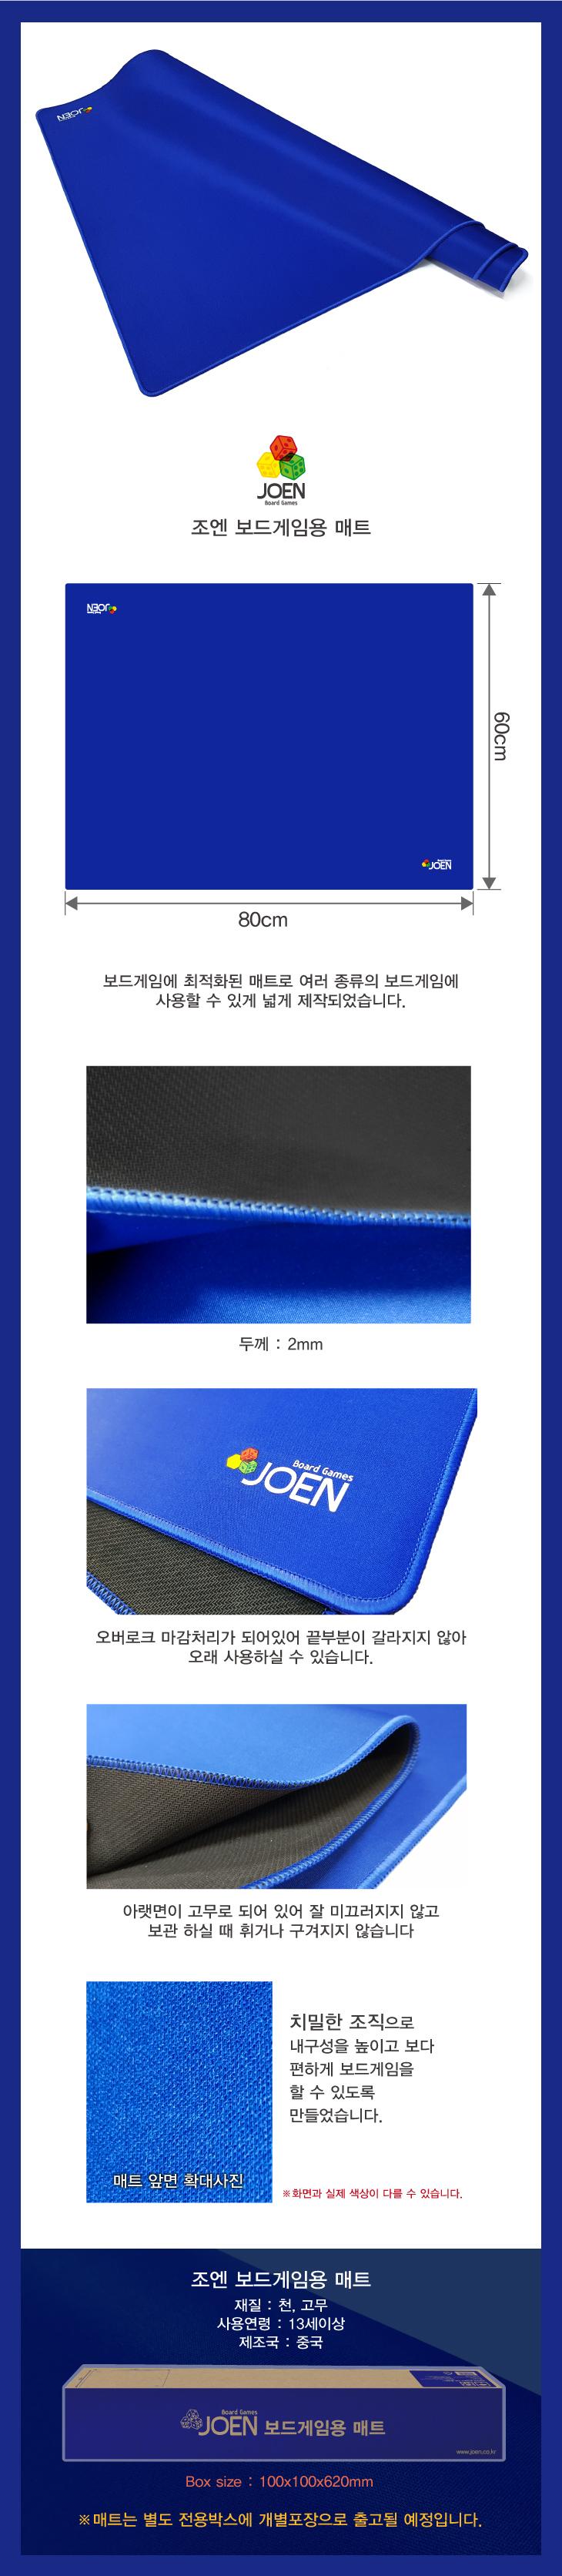 보드게임 매트 - (주)조엔, 13,000원, 키즈텐트/매트, 플레이매트/안전매트